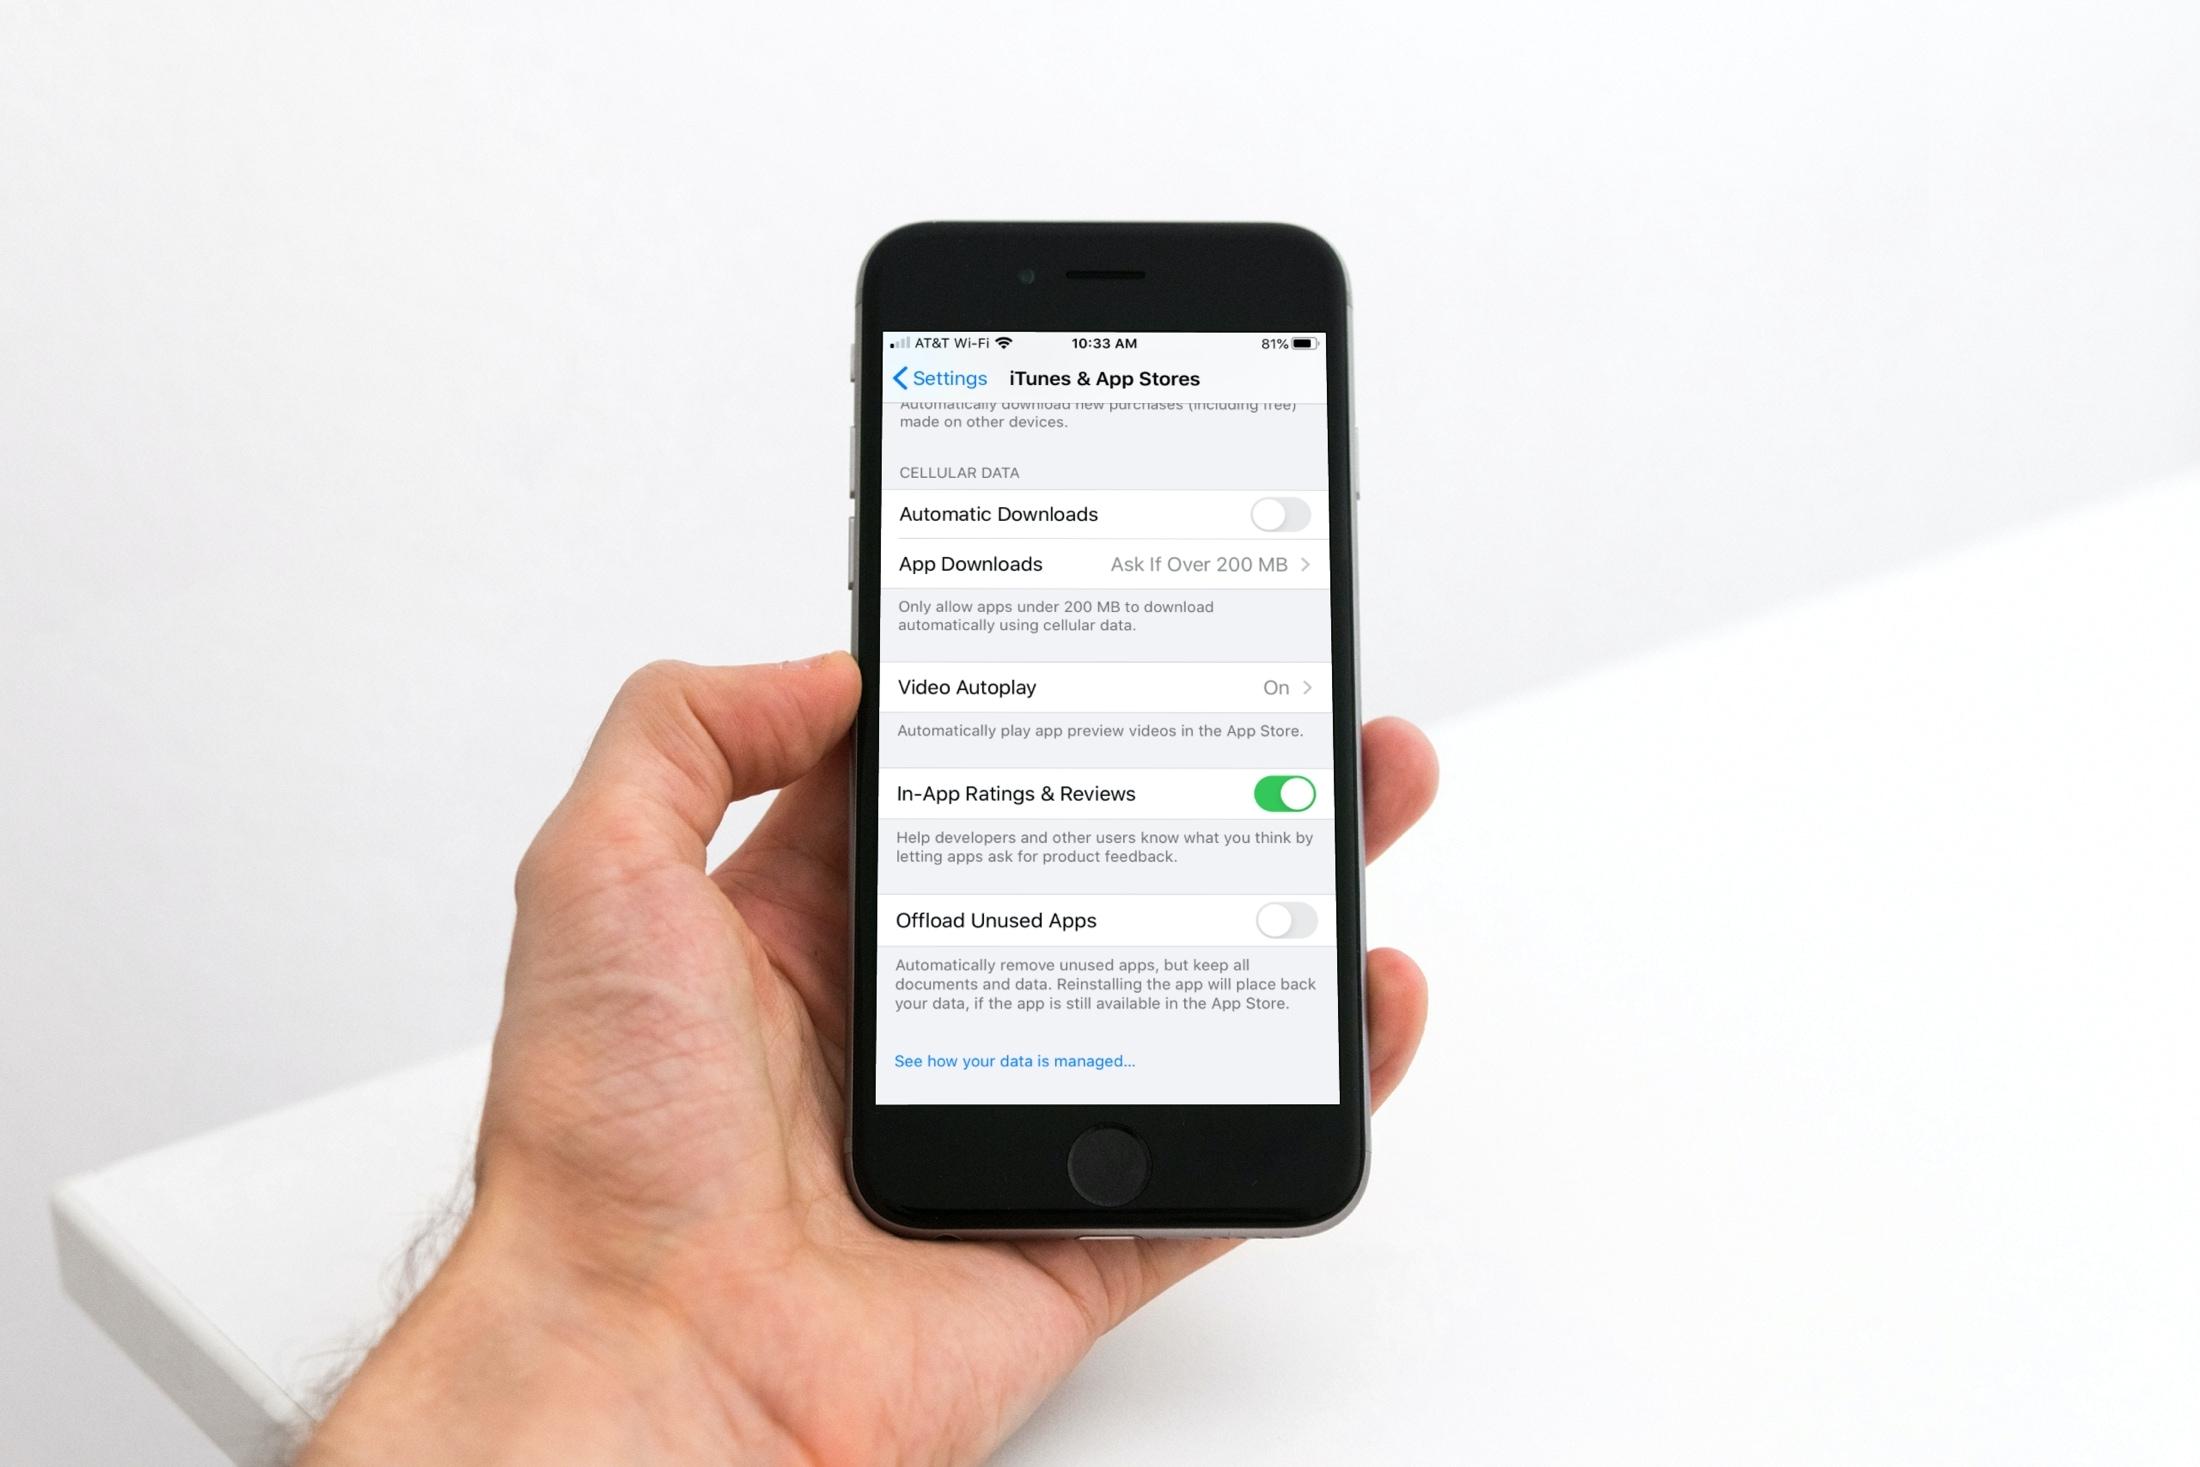 Devre dışı iPhone Kullanılmayan uygulamalar İndir